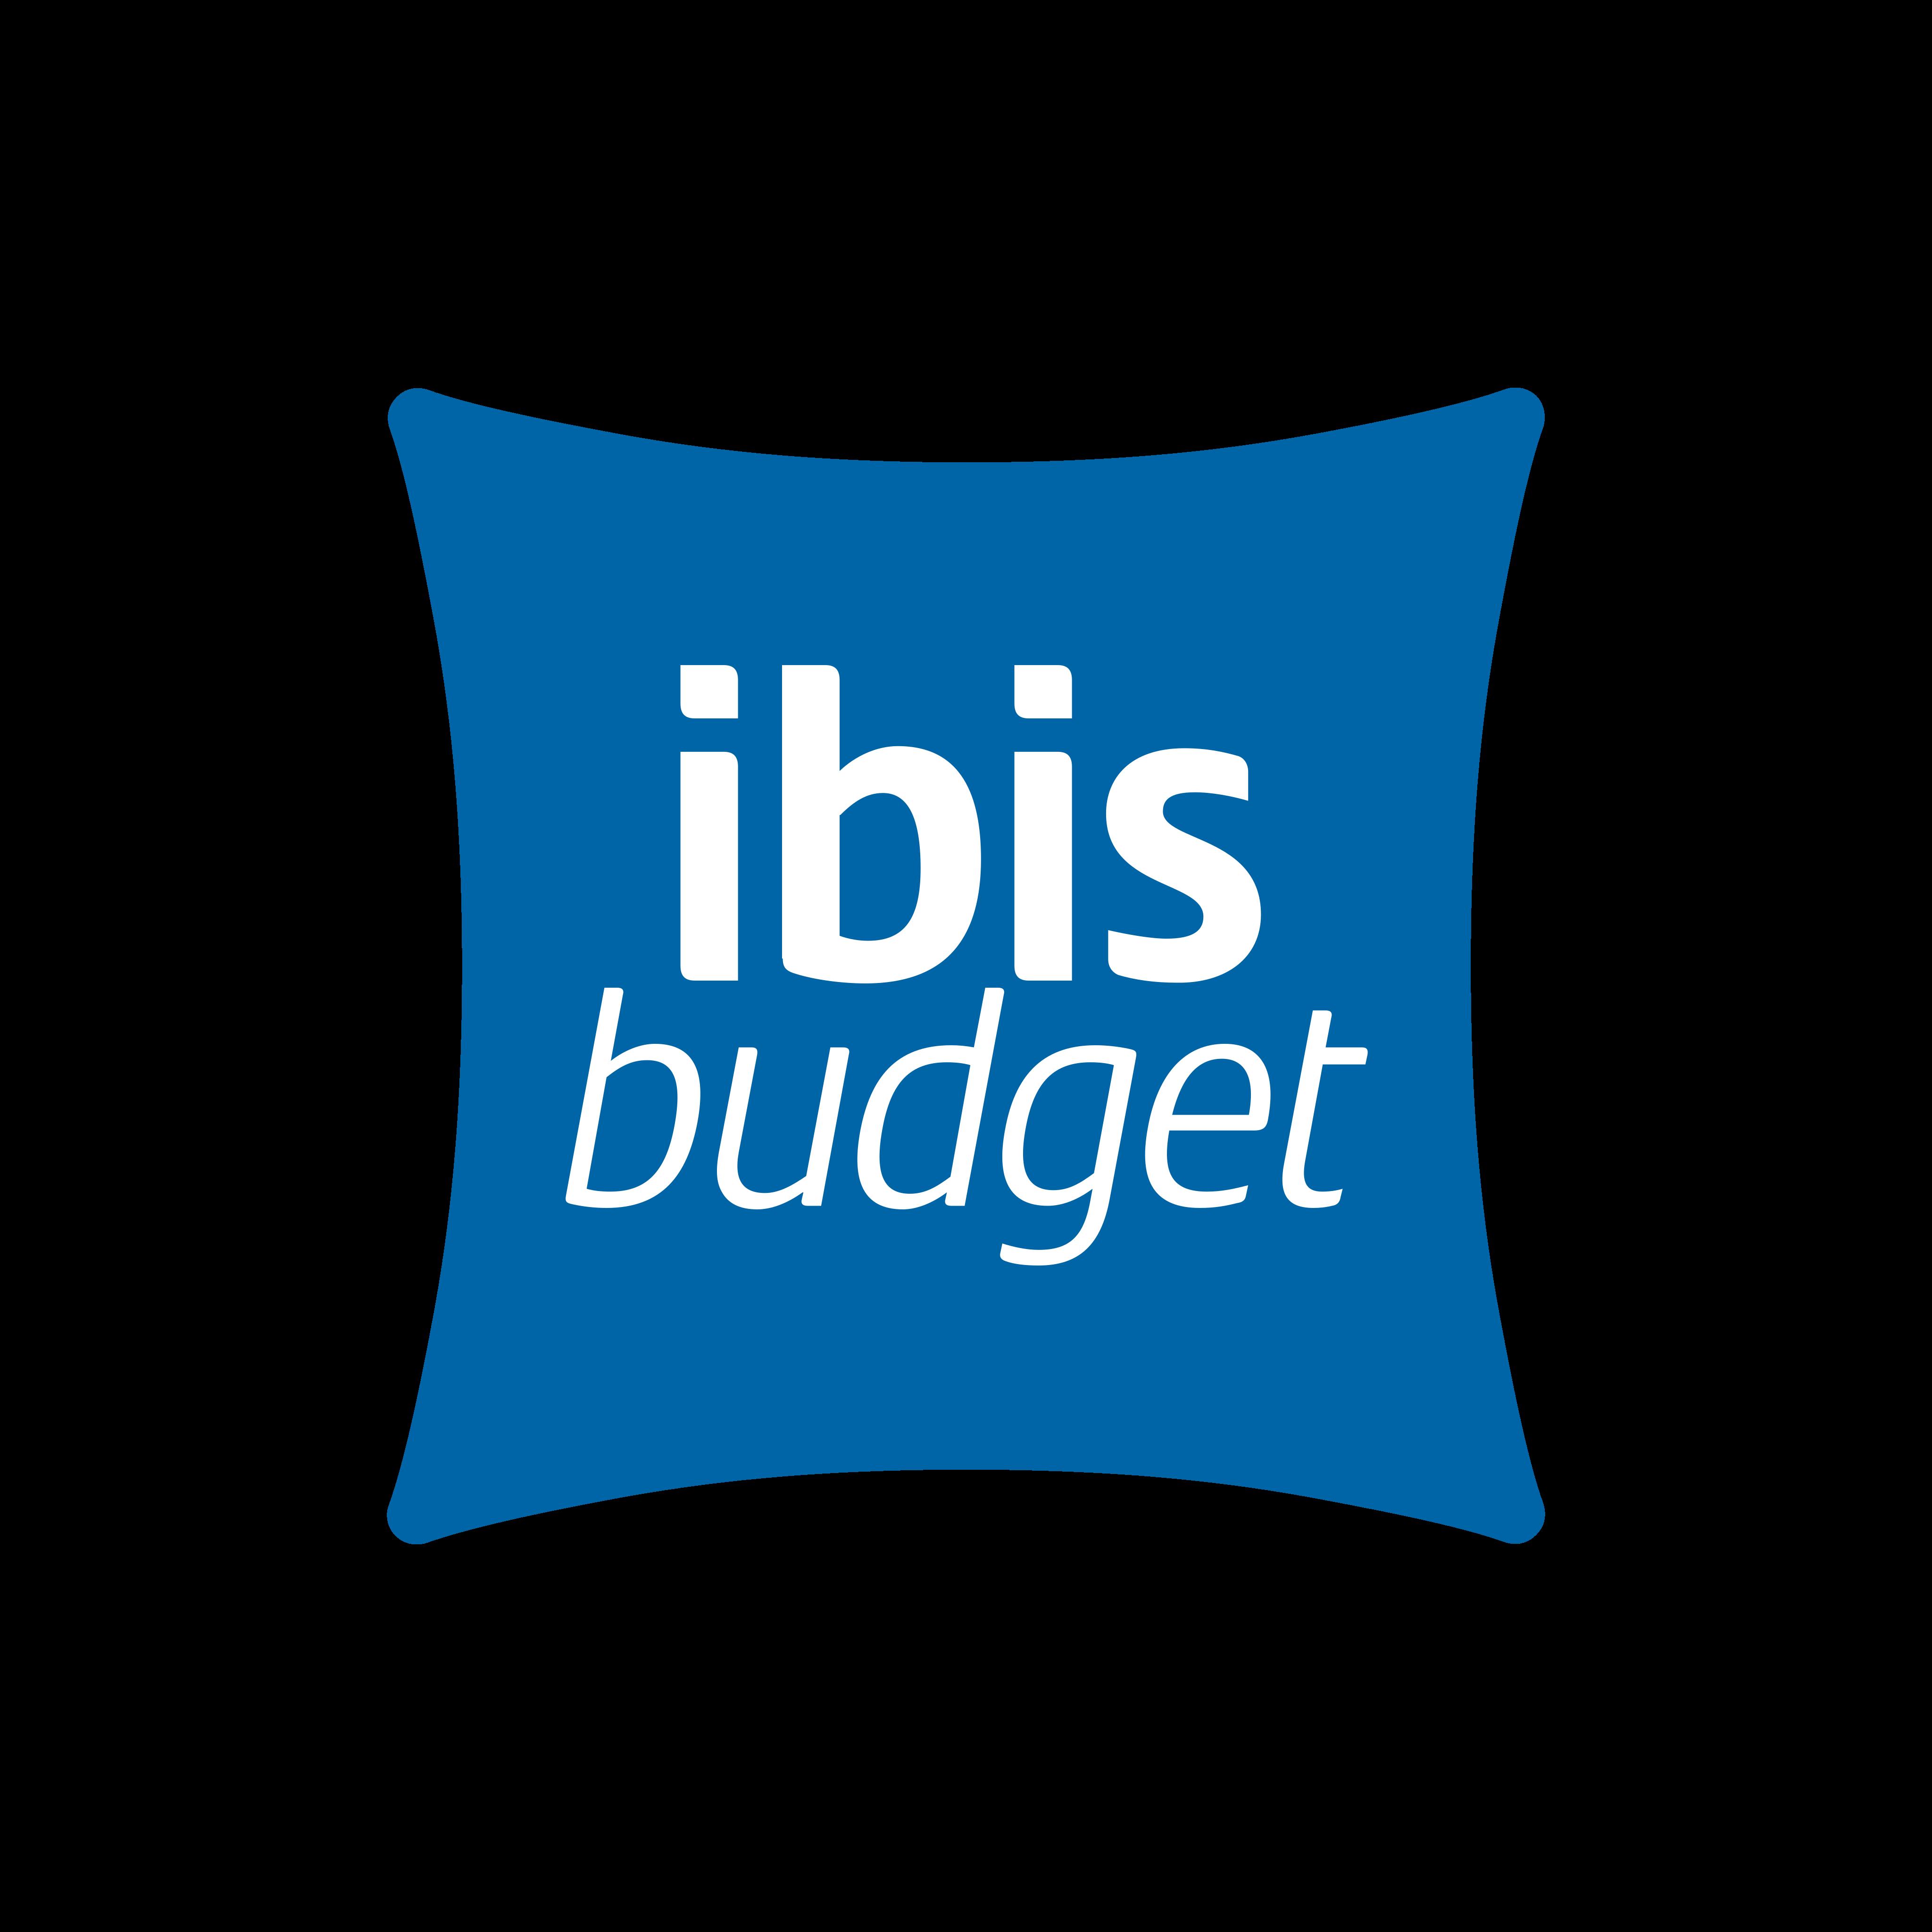 ibis budget logo 0 - Ibis Budget Logo